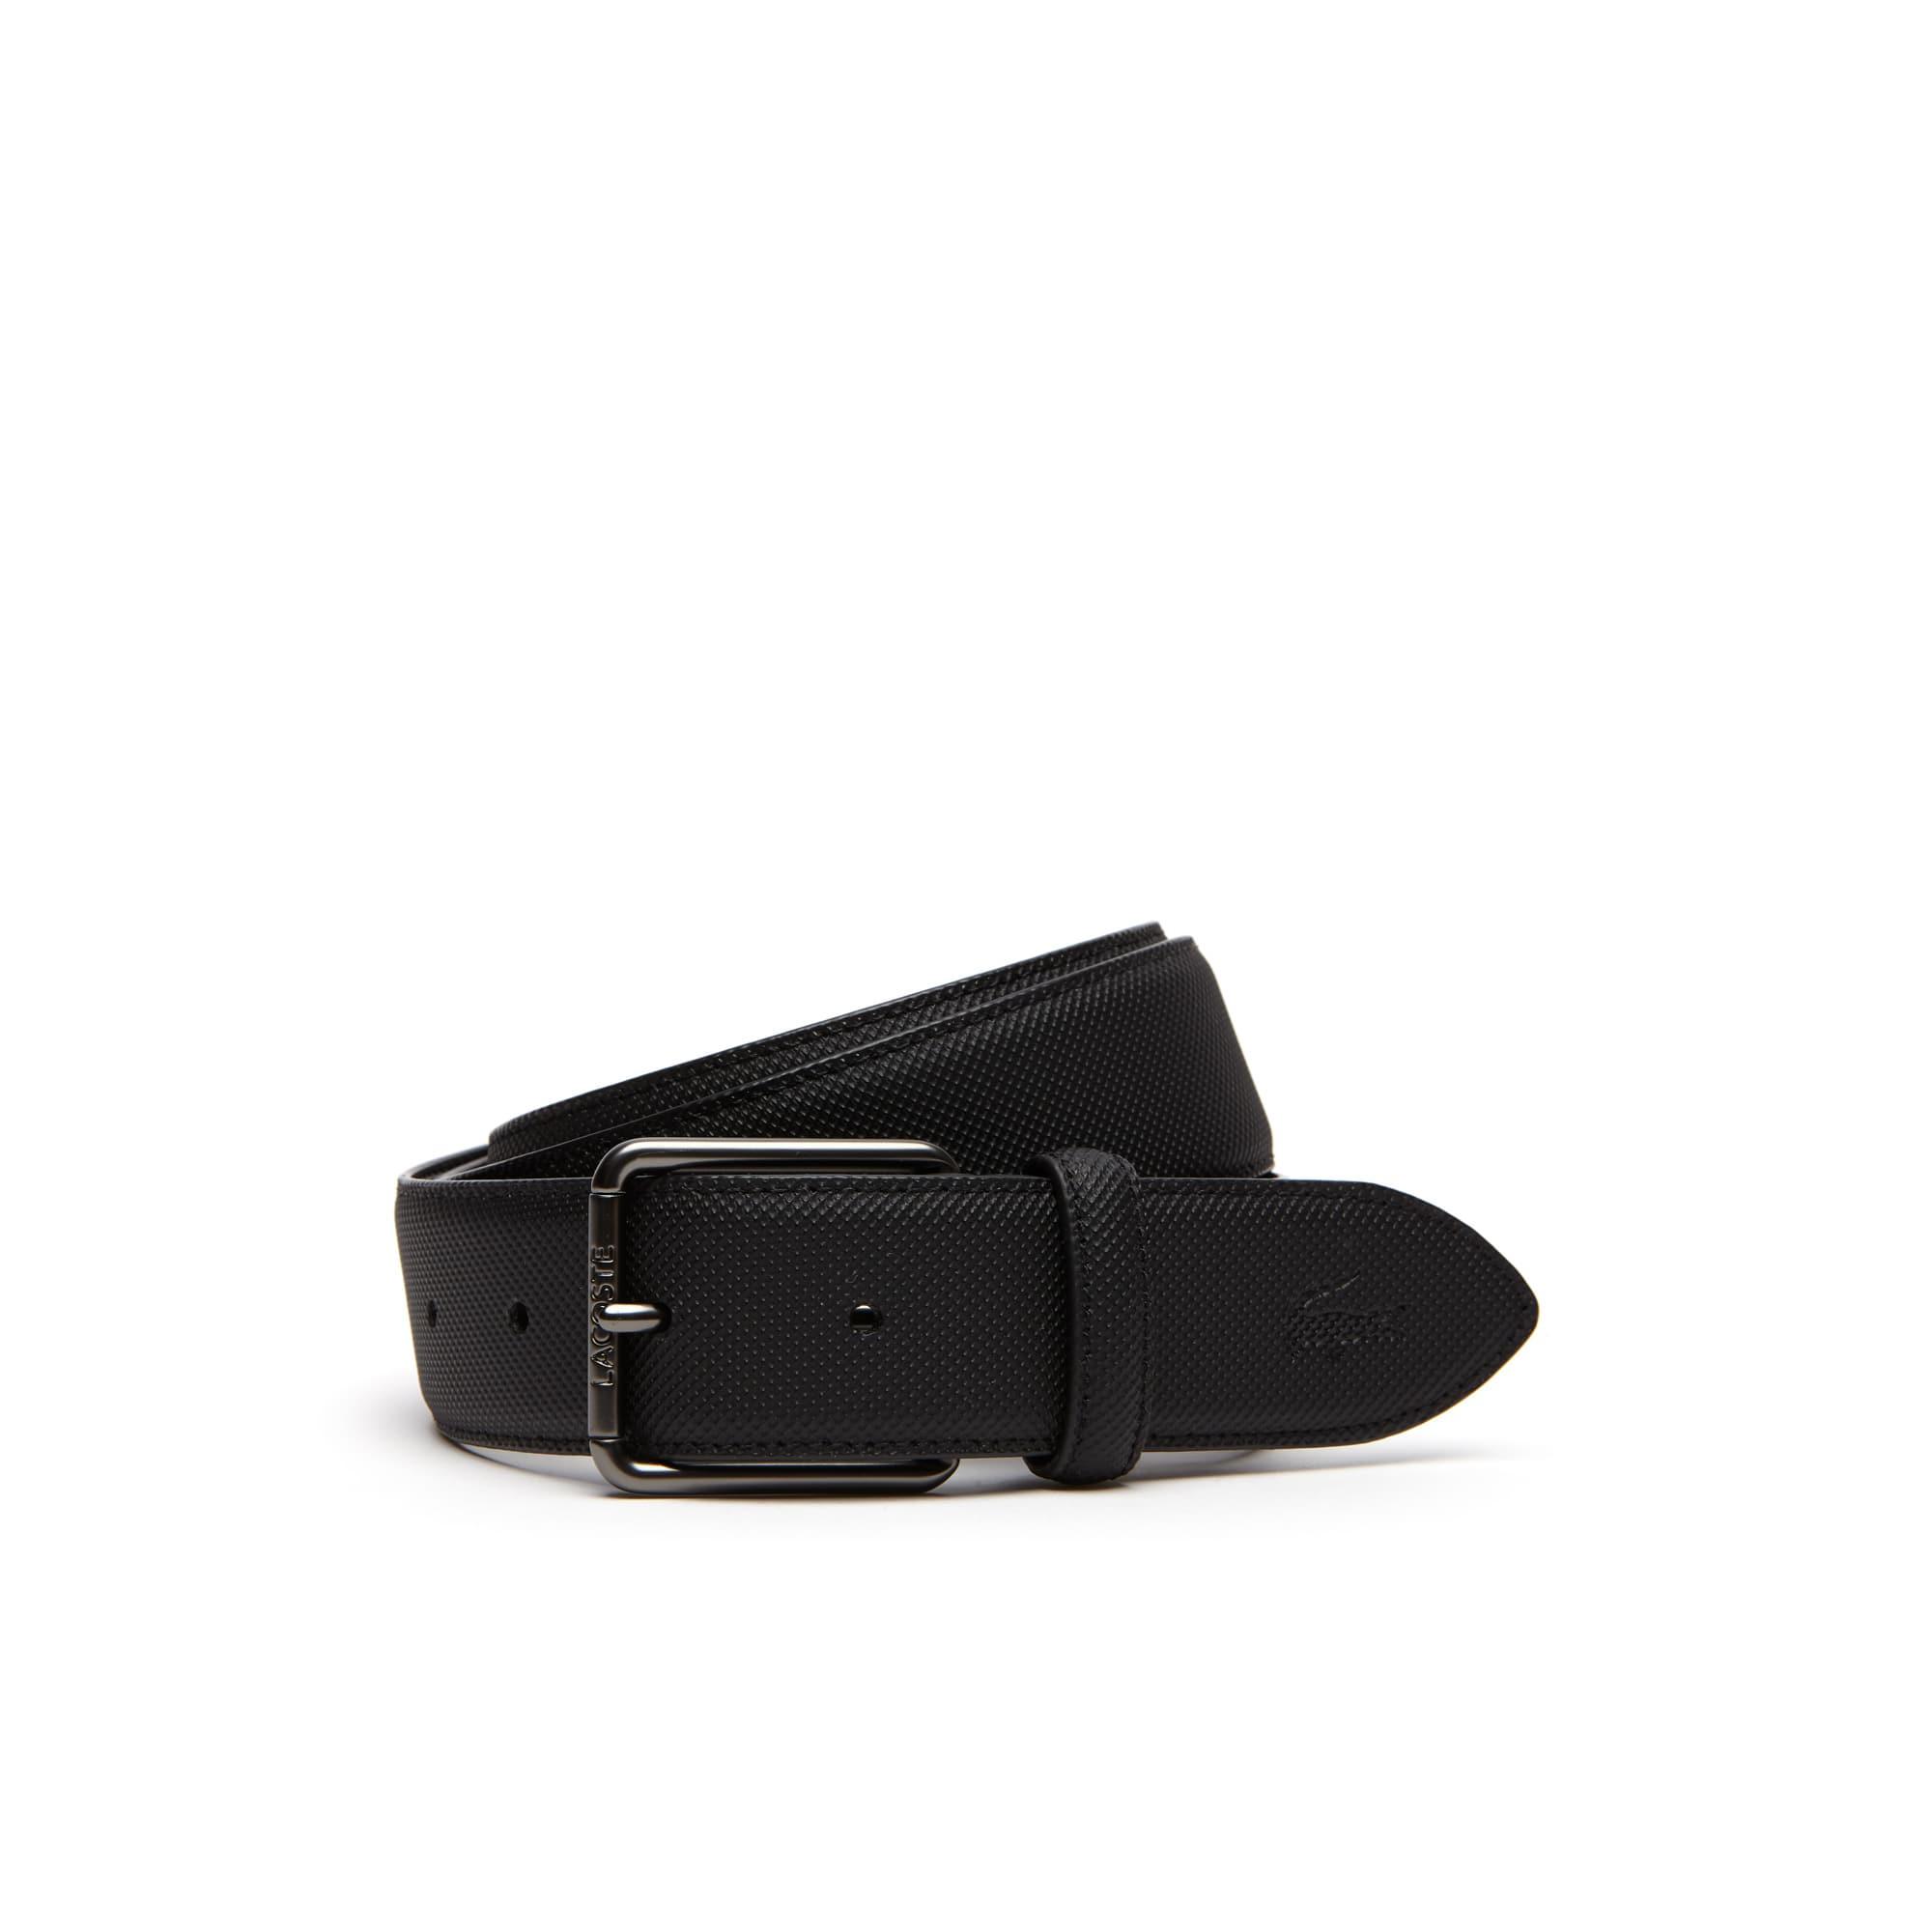 Cintura Men's Classic in petit piqué con fibbia ad ardiglione dotata di incisione Lacoste